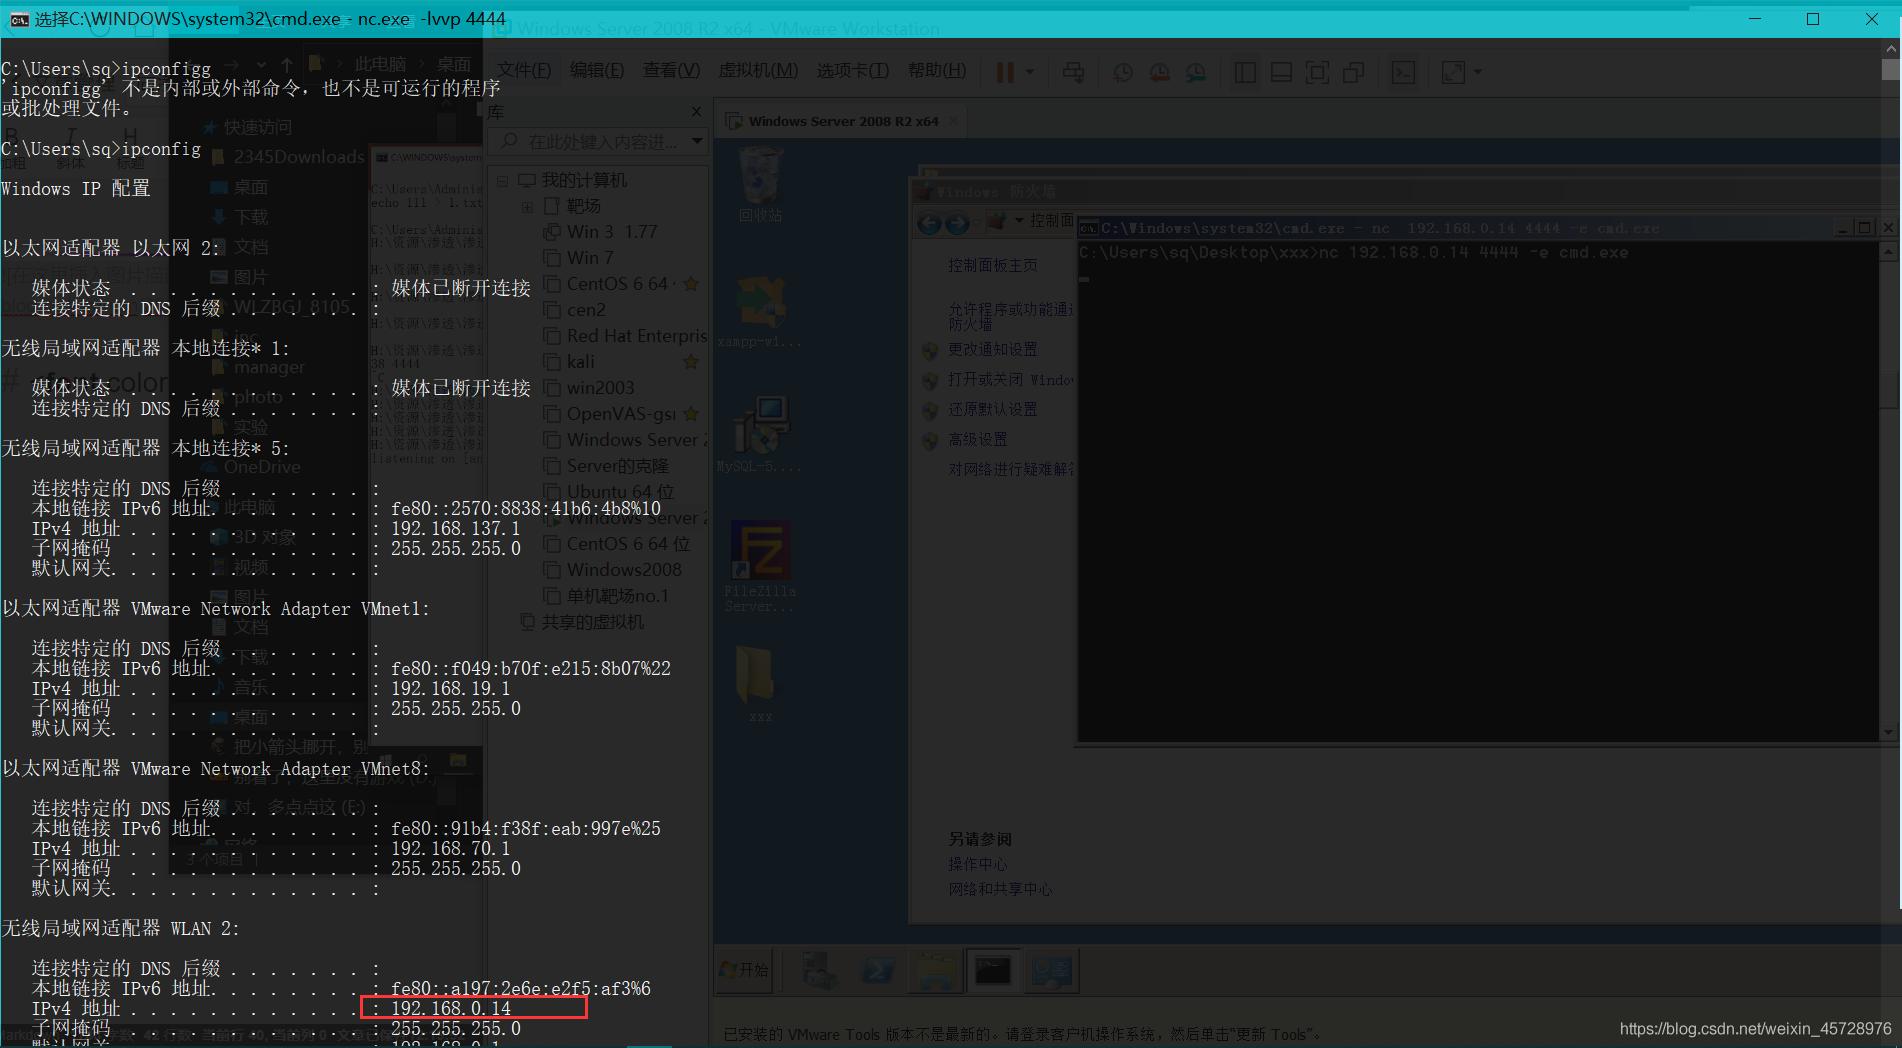 内网转发之反弹shell后渗透-极安网